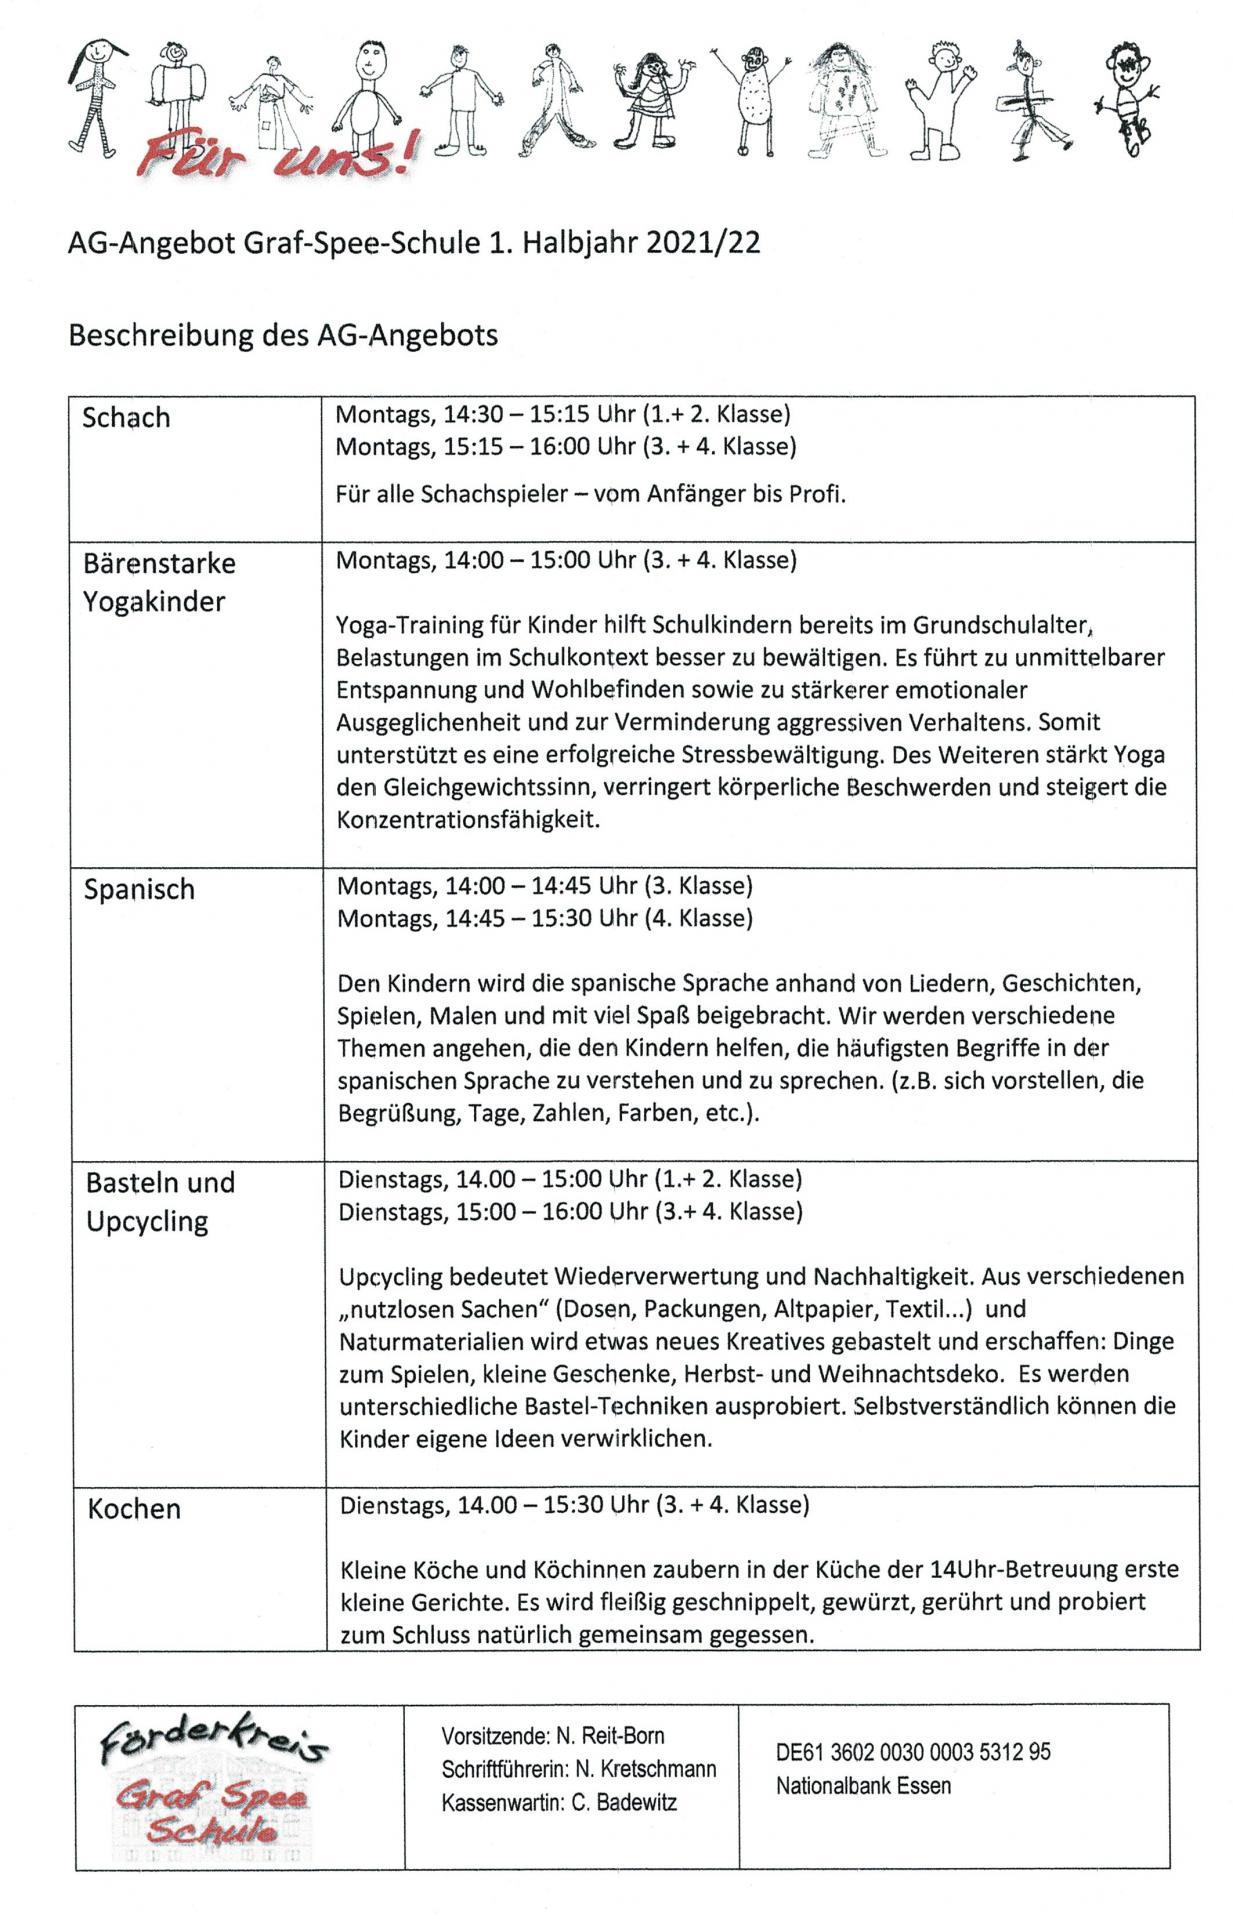 Beschreibung AG 2021/22